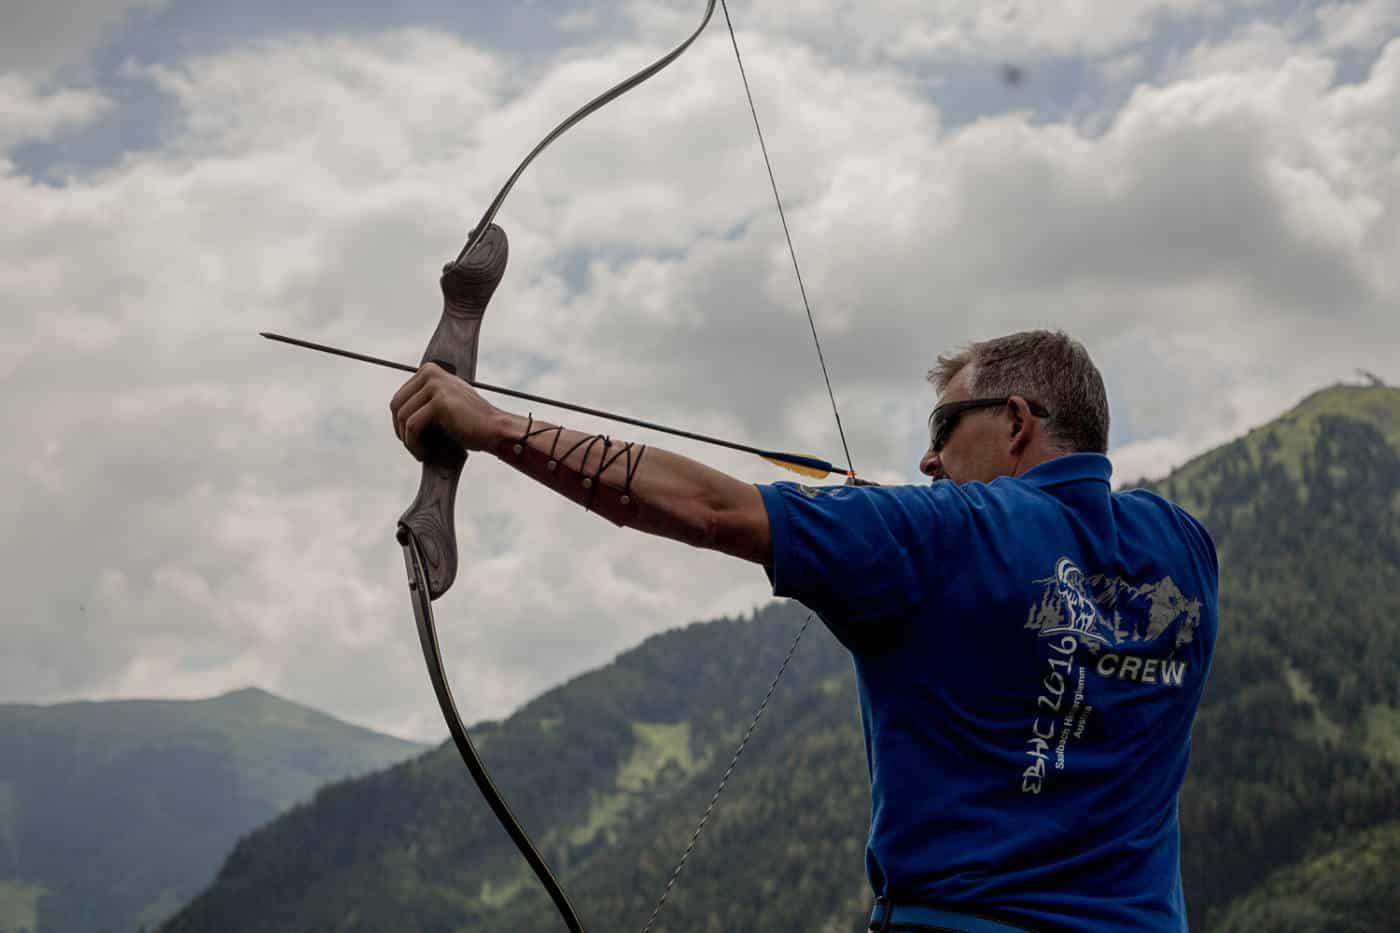 Archery during summer in Saalbach Austria